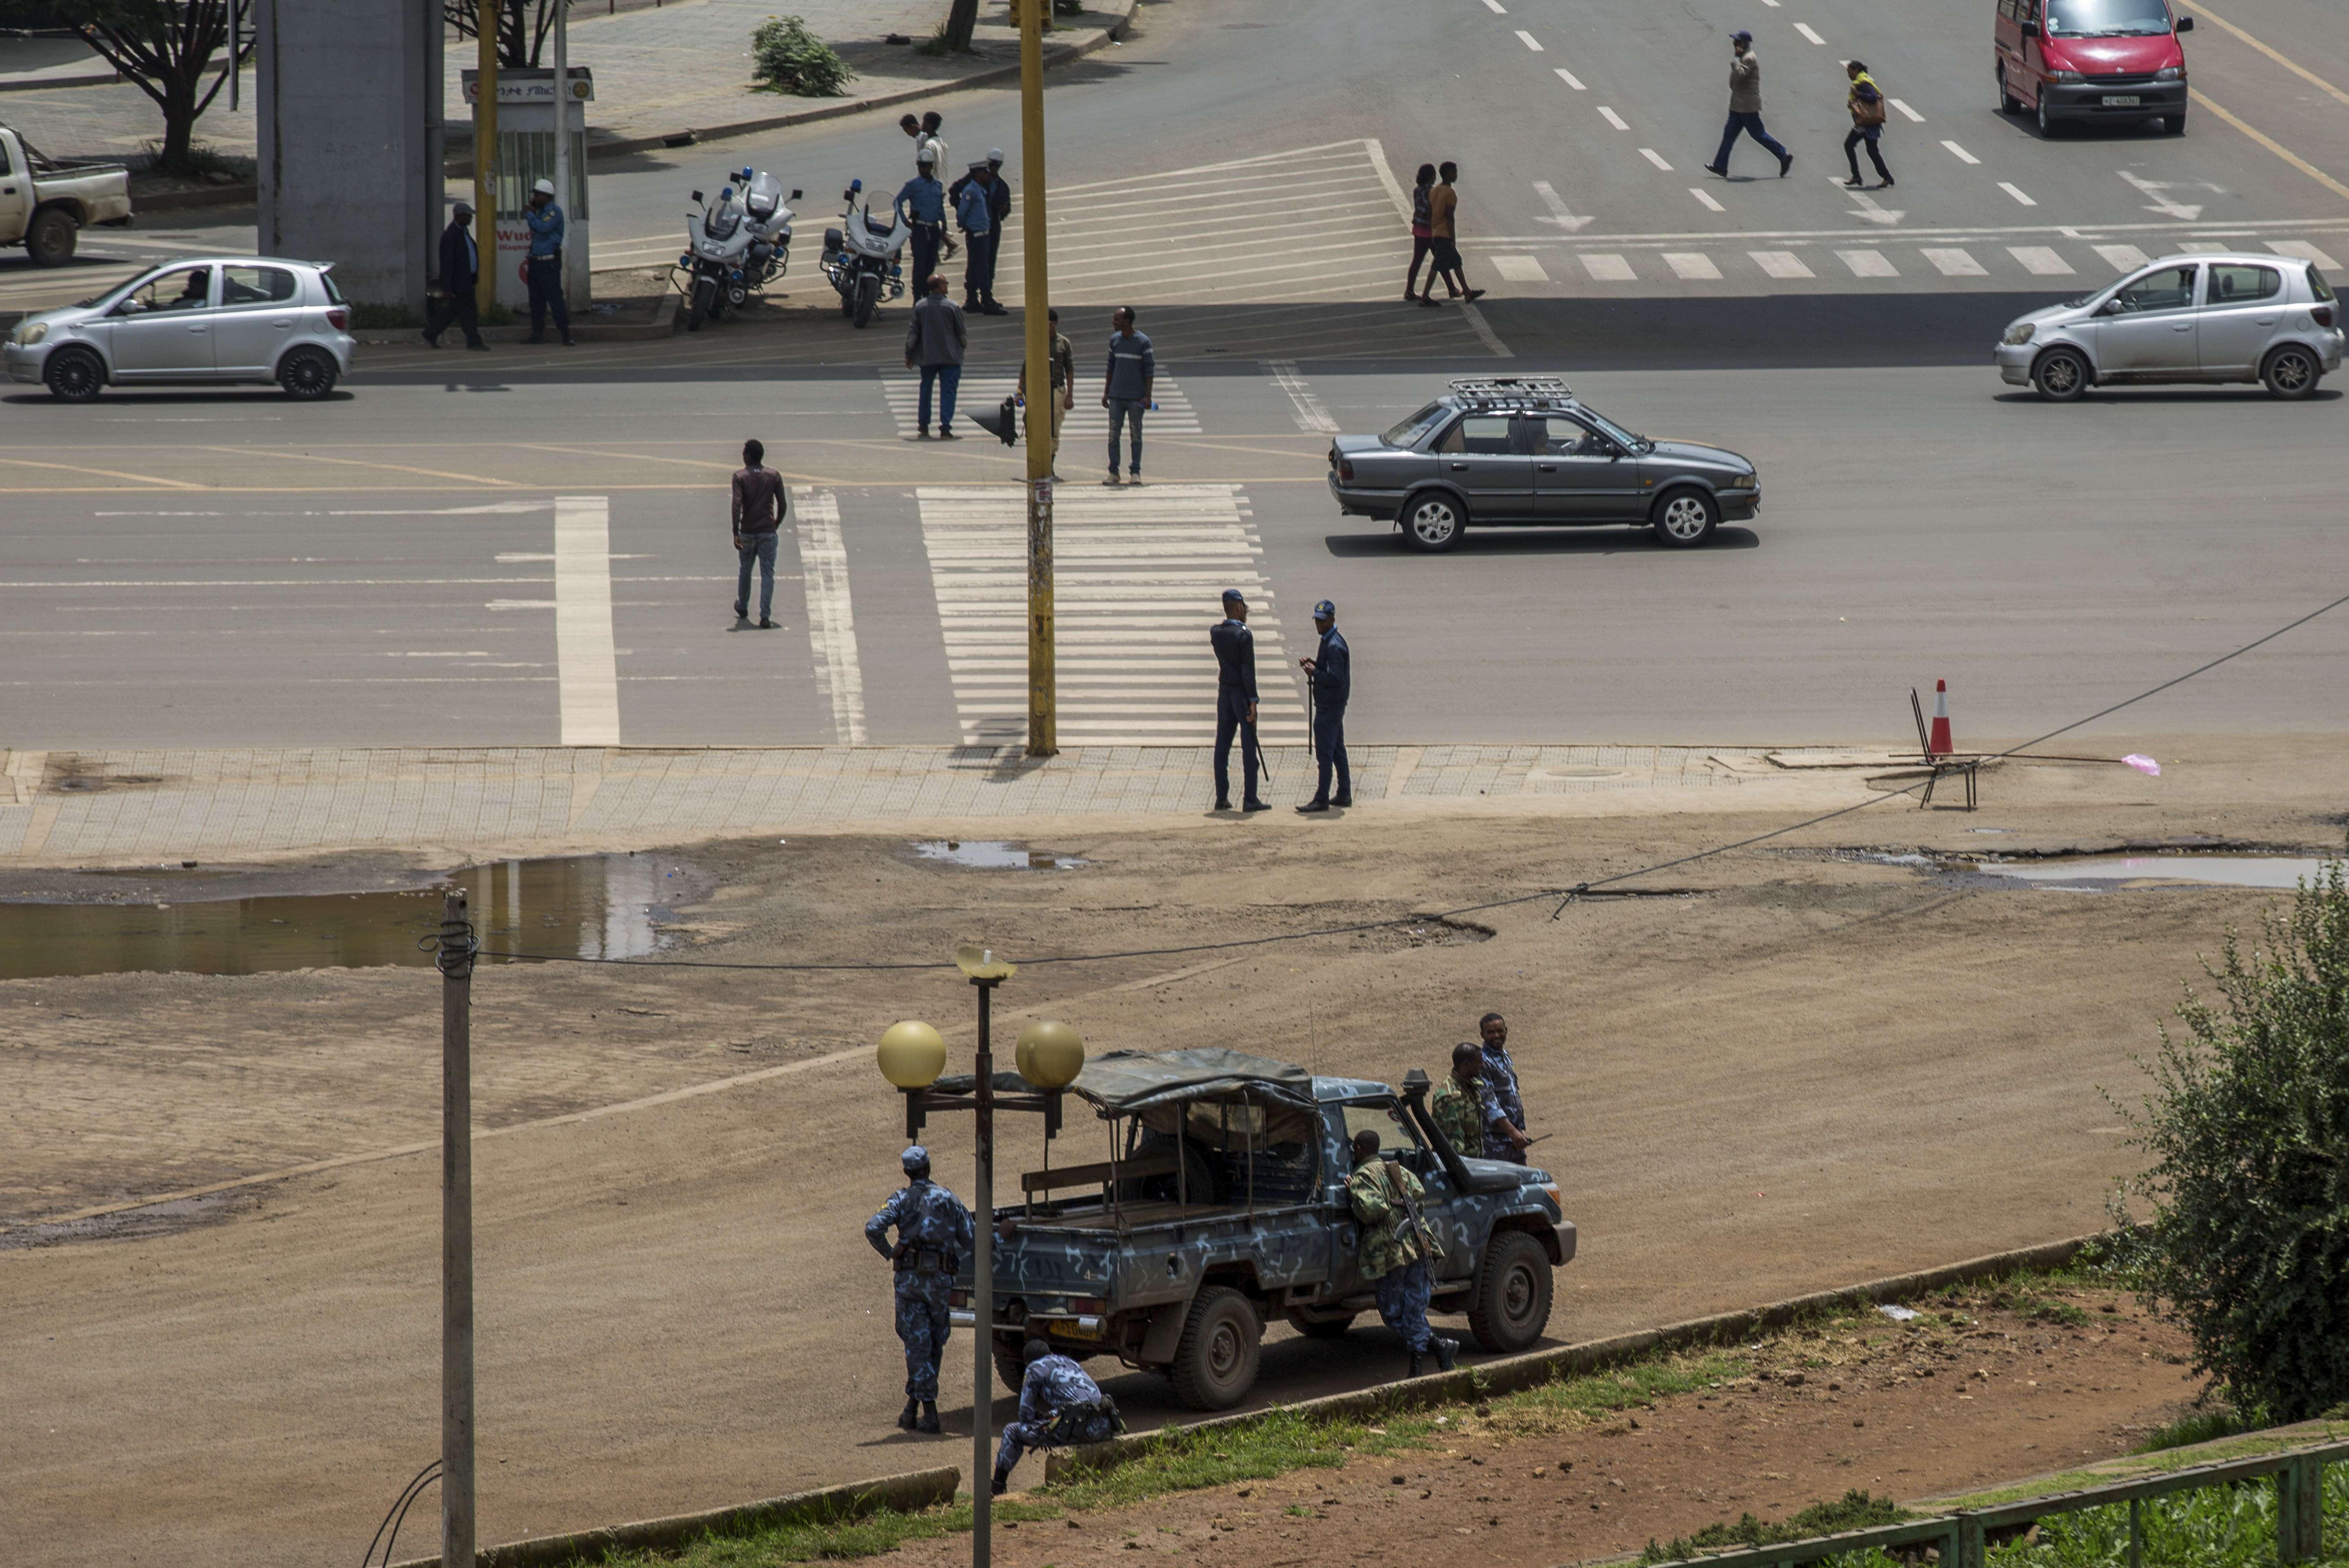 Les forces de sécurité montent la garde sur la place Meskel, dans le centre-ville d'Addis-Abeba, en Éthiopie, dimanche 23 juin 2019, après la tentative de coup d'État..